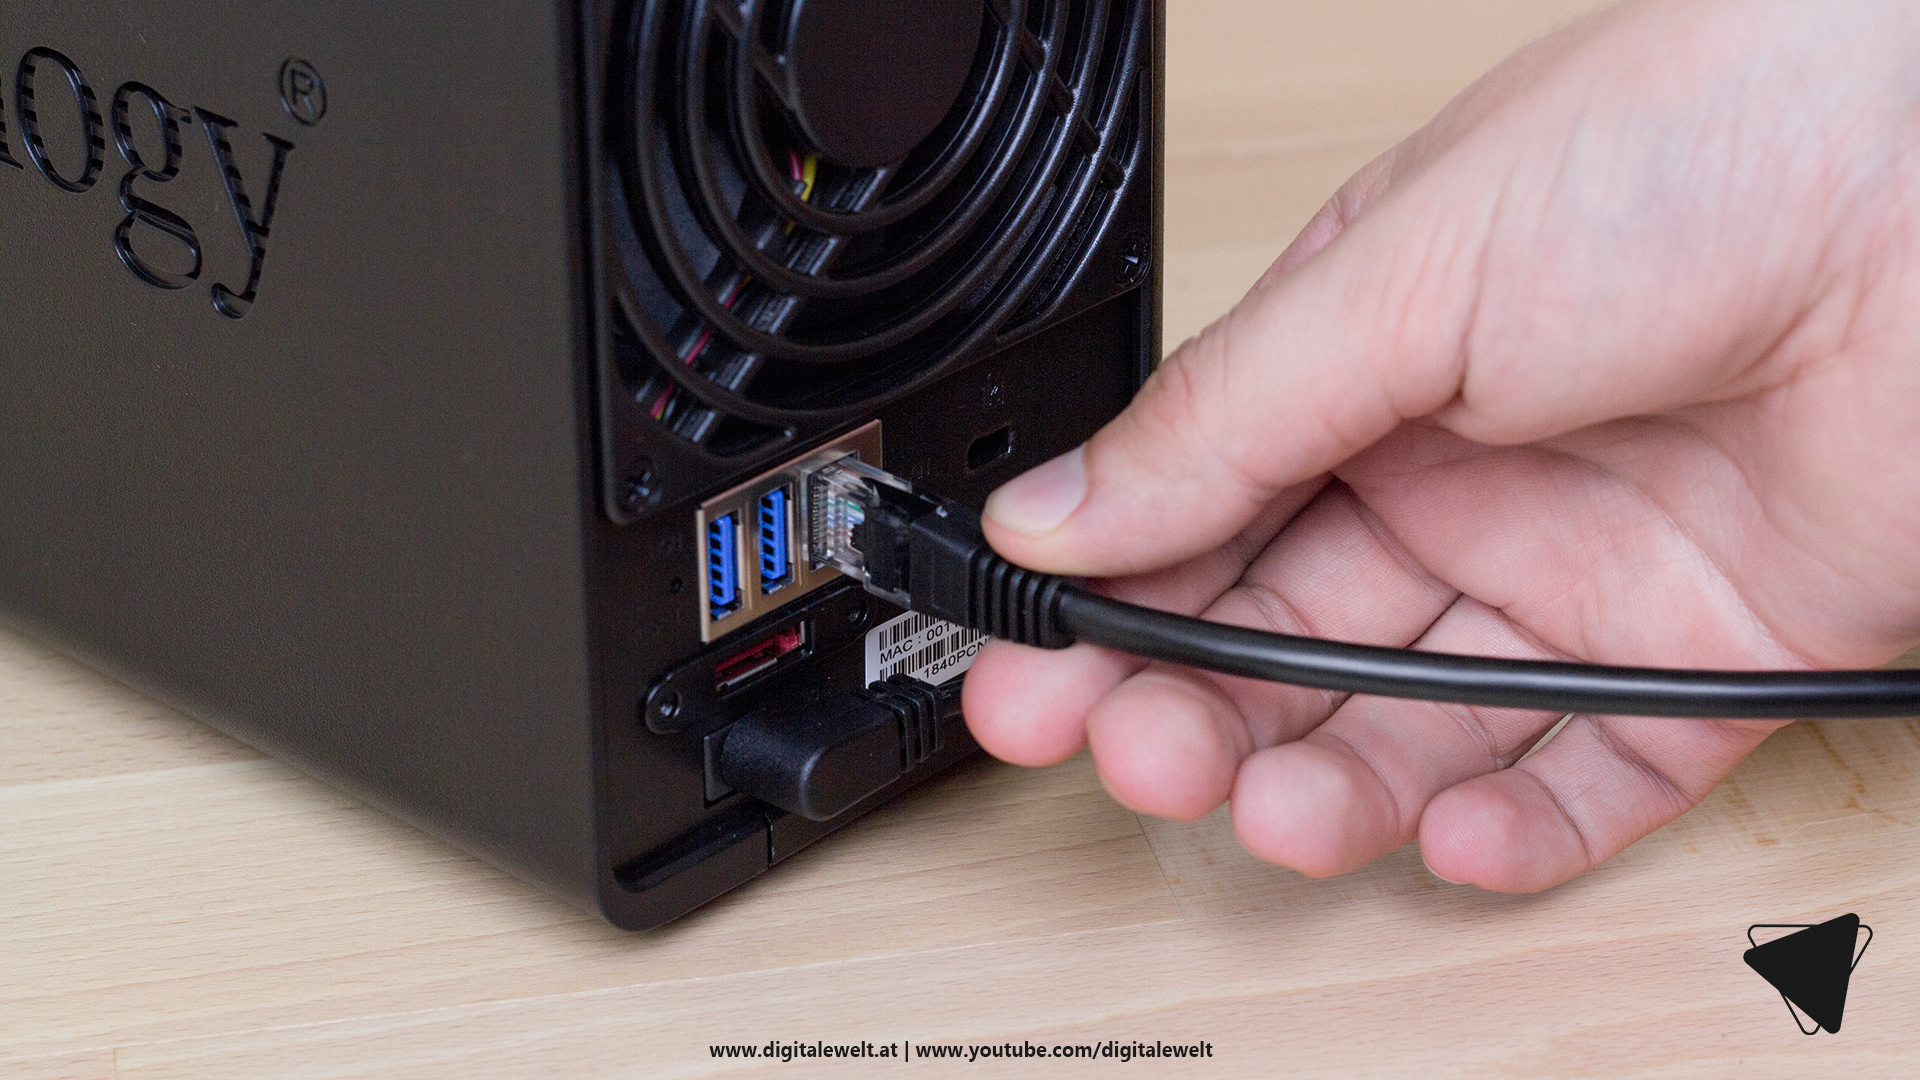 Synology DS218+ NAS - Stromversorgung und Netzwerkkabel